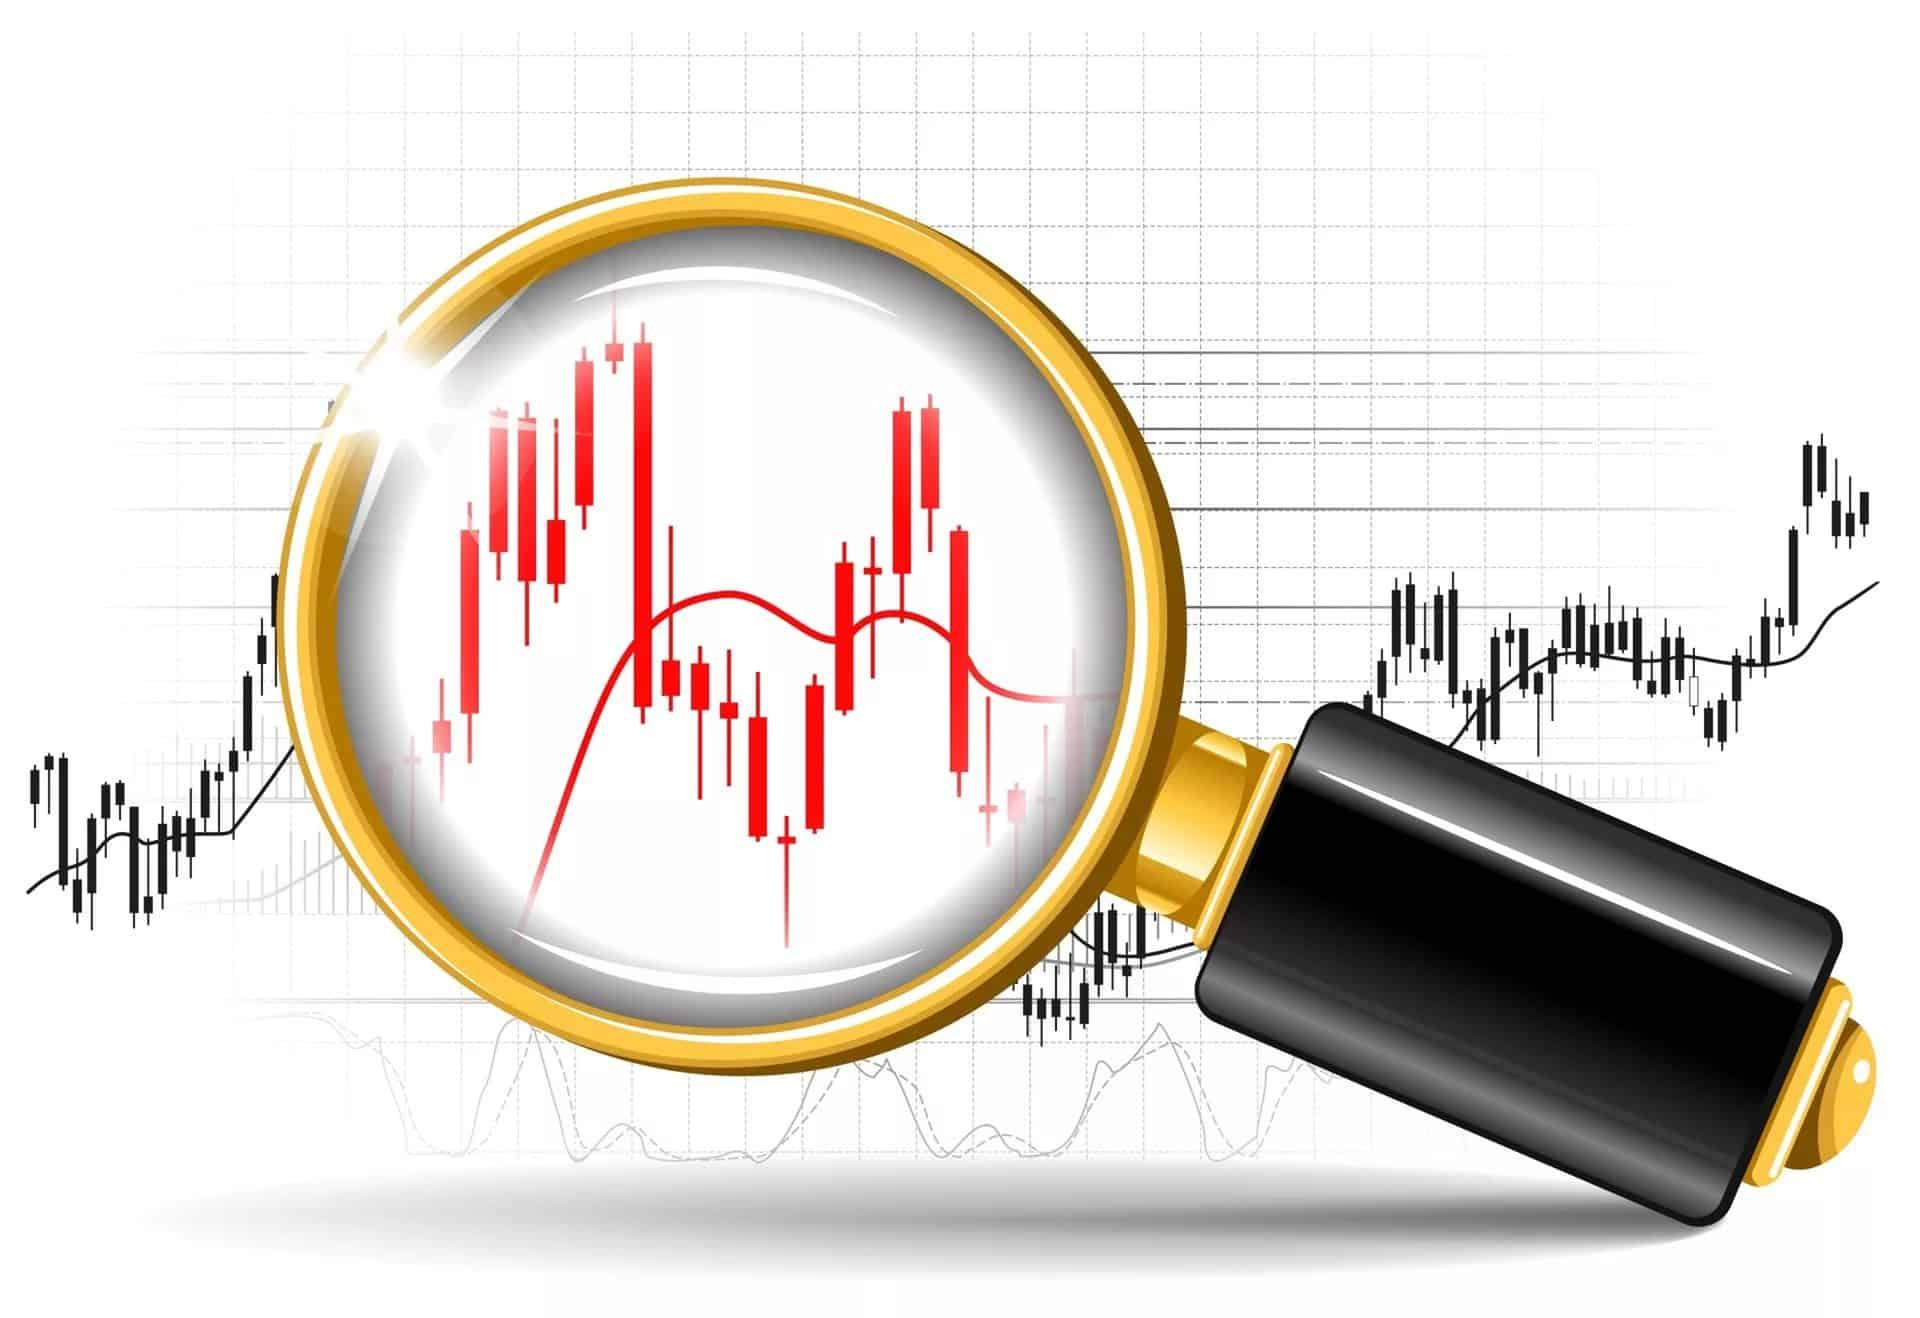 сигналы buy/sell в стратегии 5 пунктов на форекс